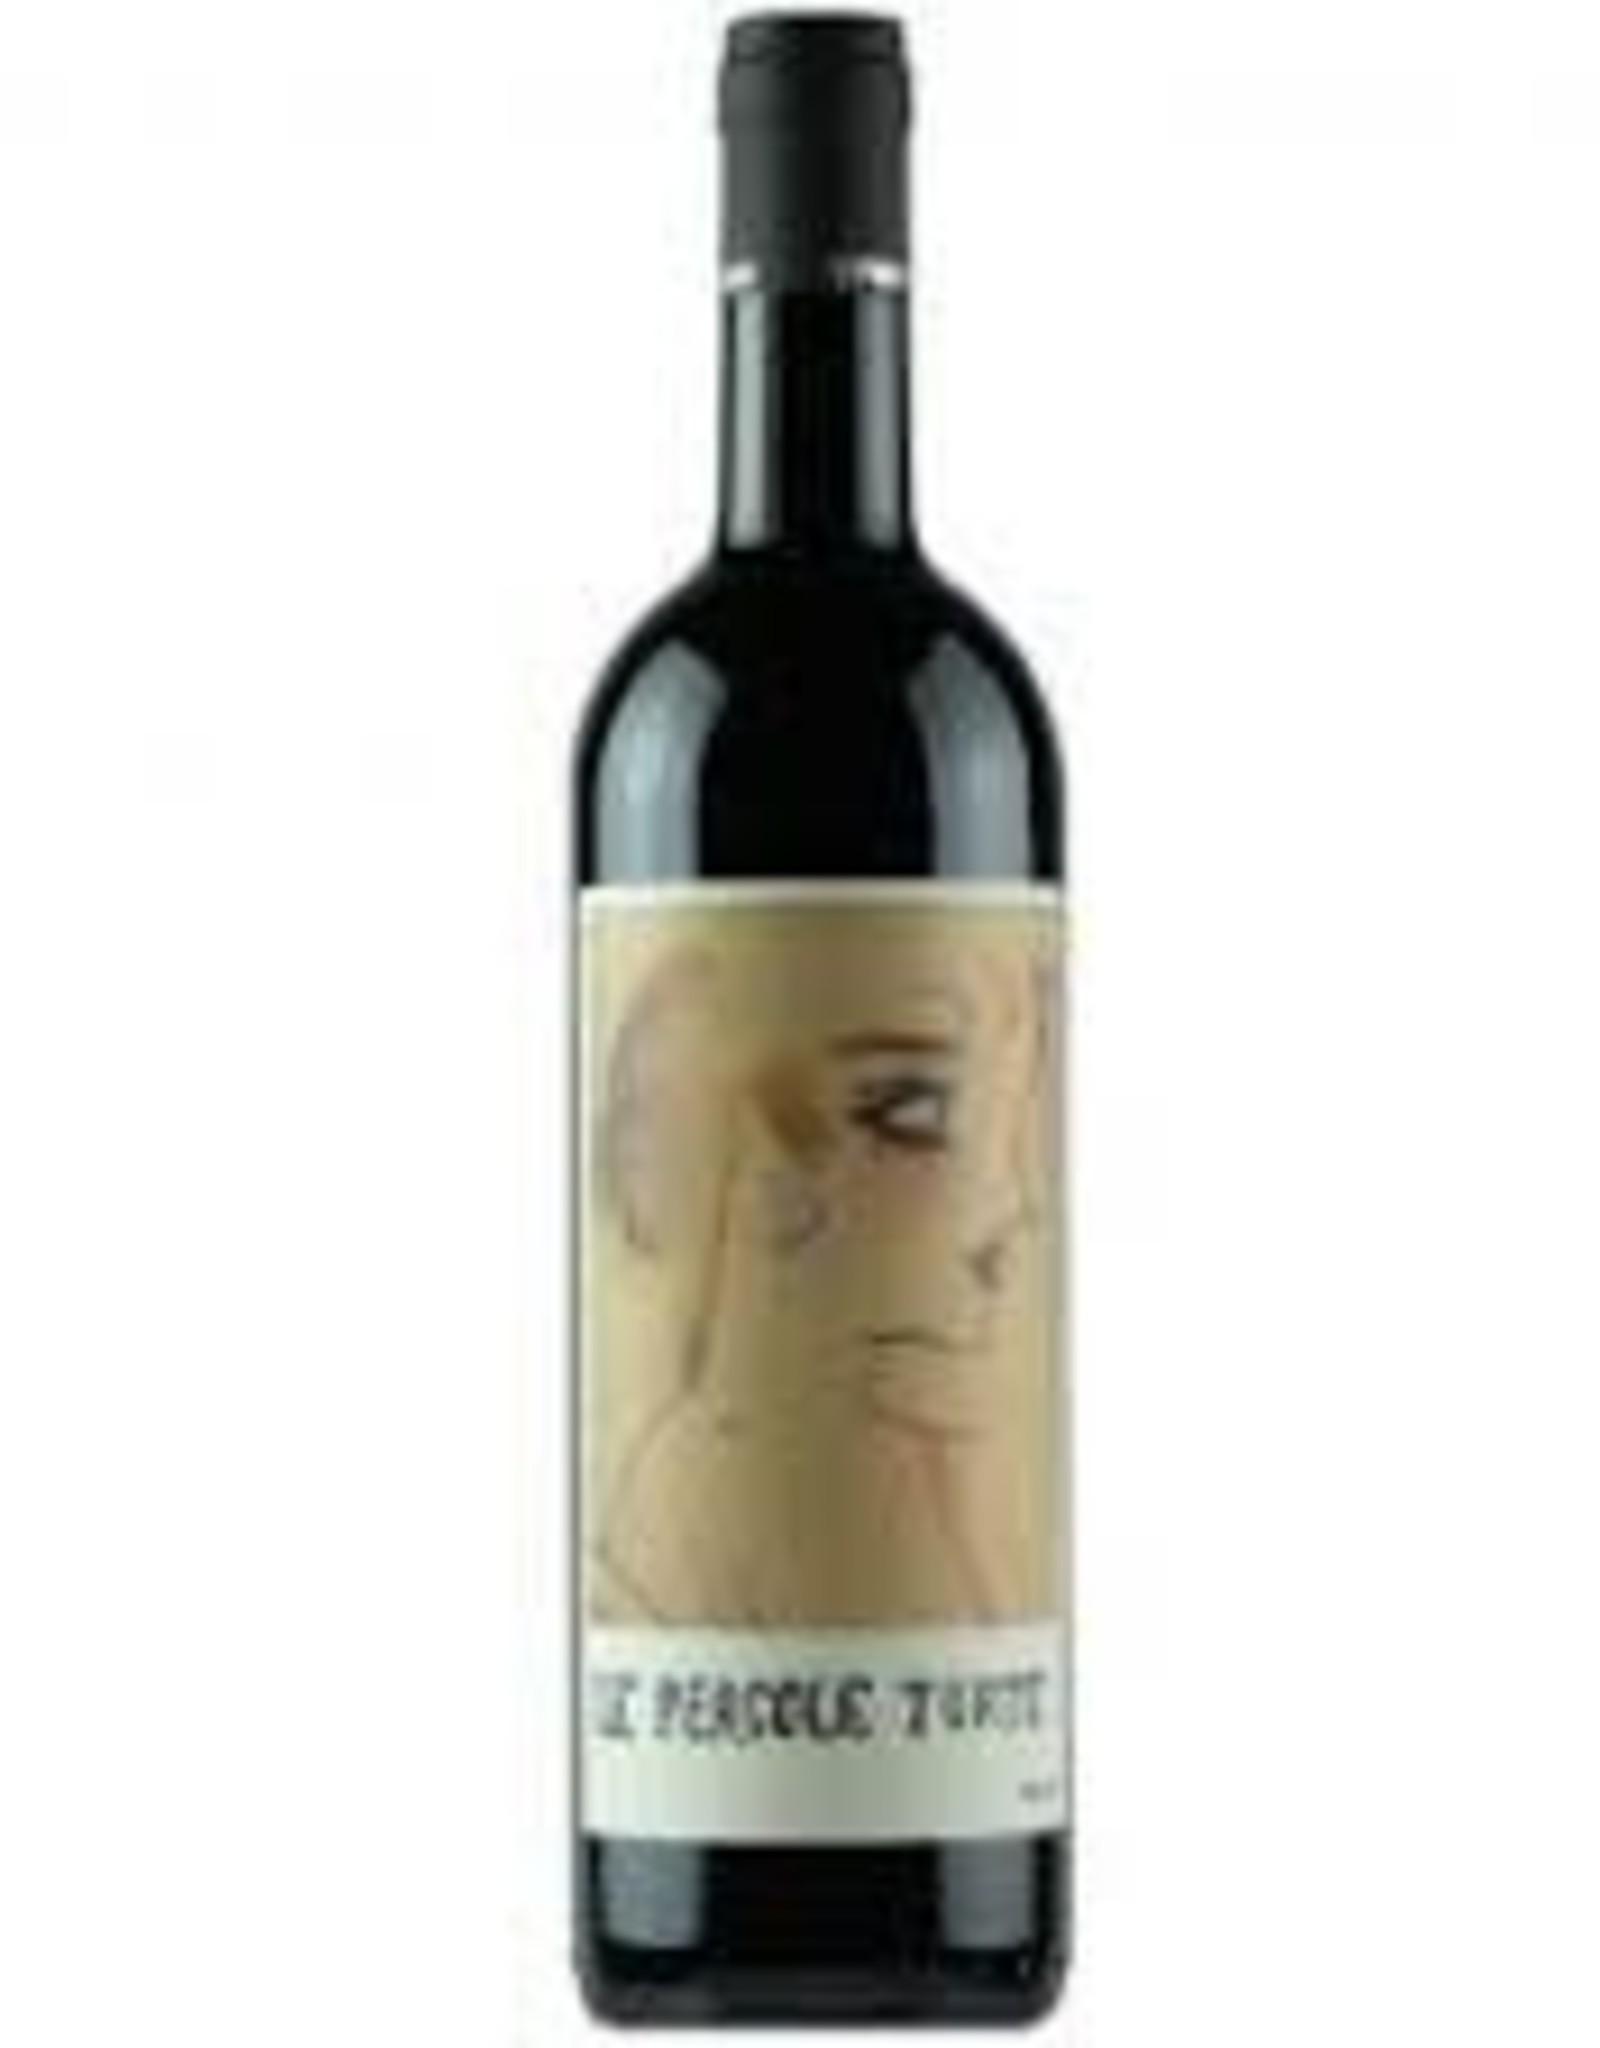 Rosso di Toscana, 'Le Pergole Torte, ' Montevertine 2015